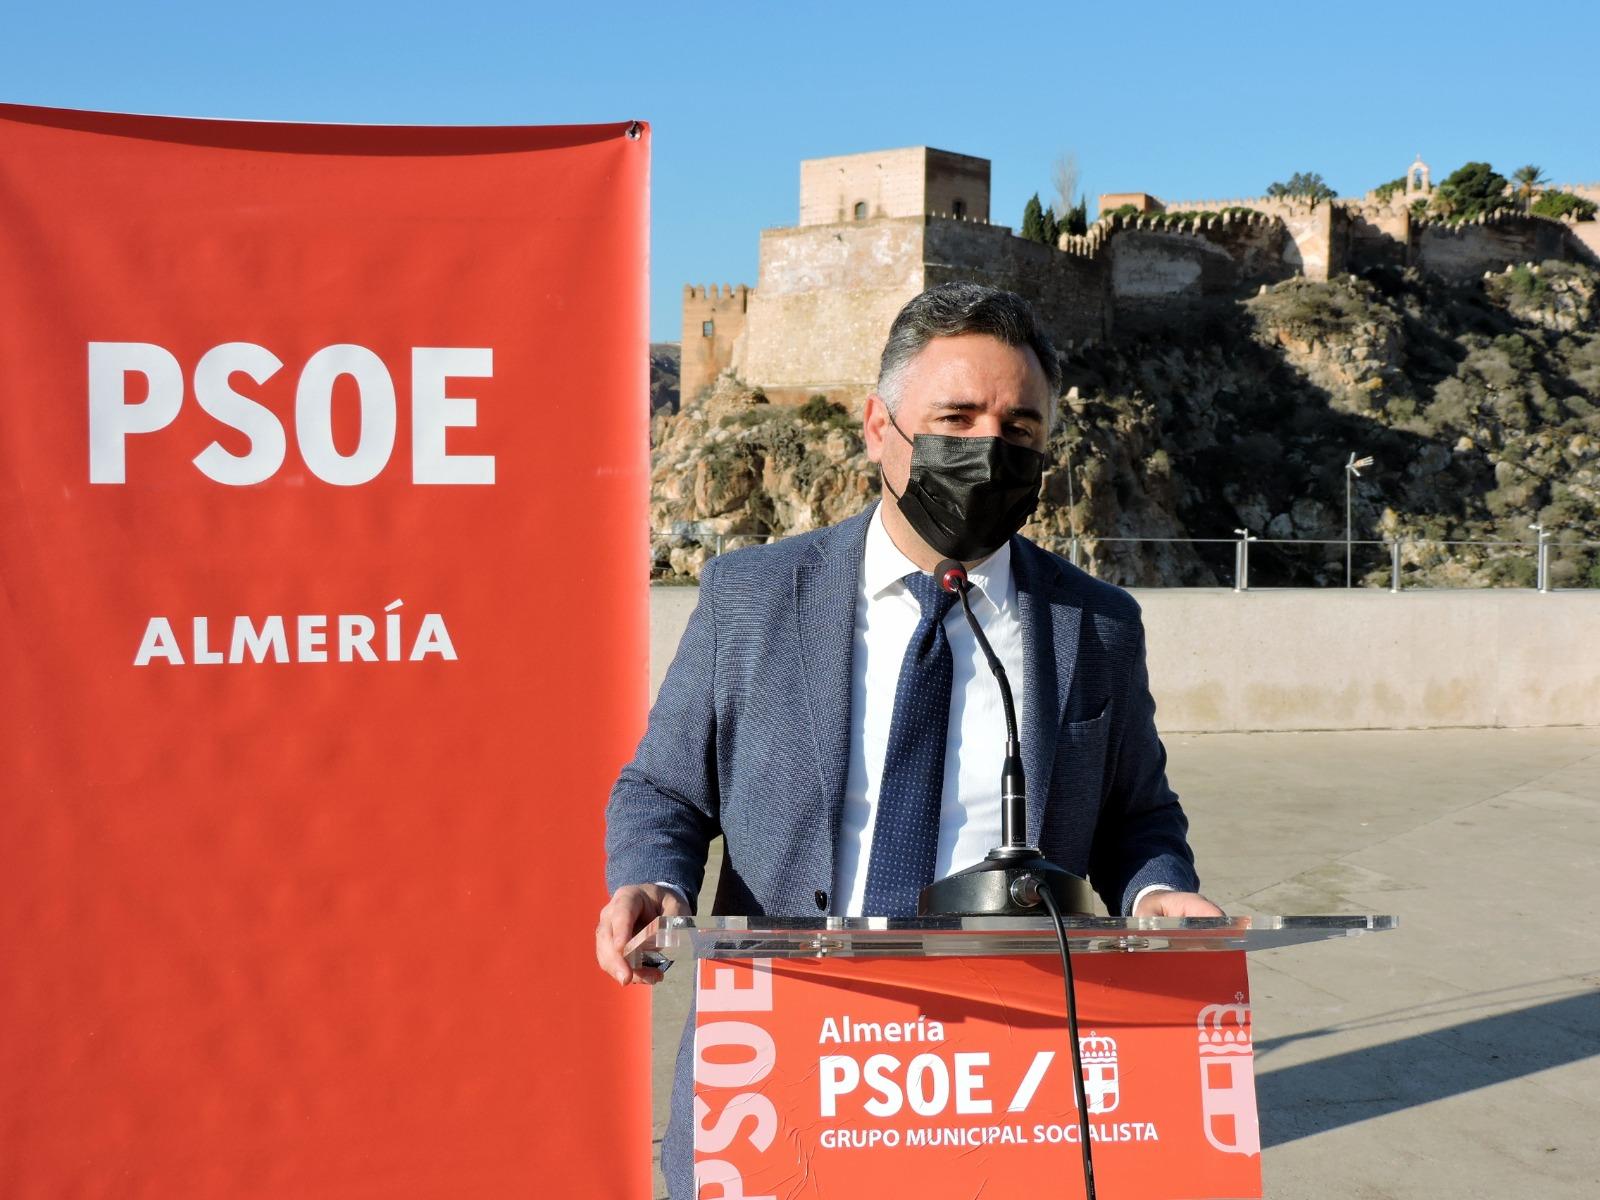 El PSOE reclama el apoyo de todos los partidos para pedir a la UNESCO que declare La Alcazaba Patrimonio de la Humanidad